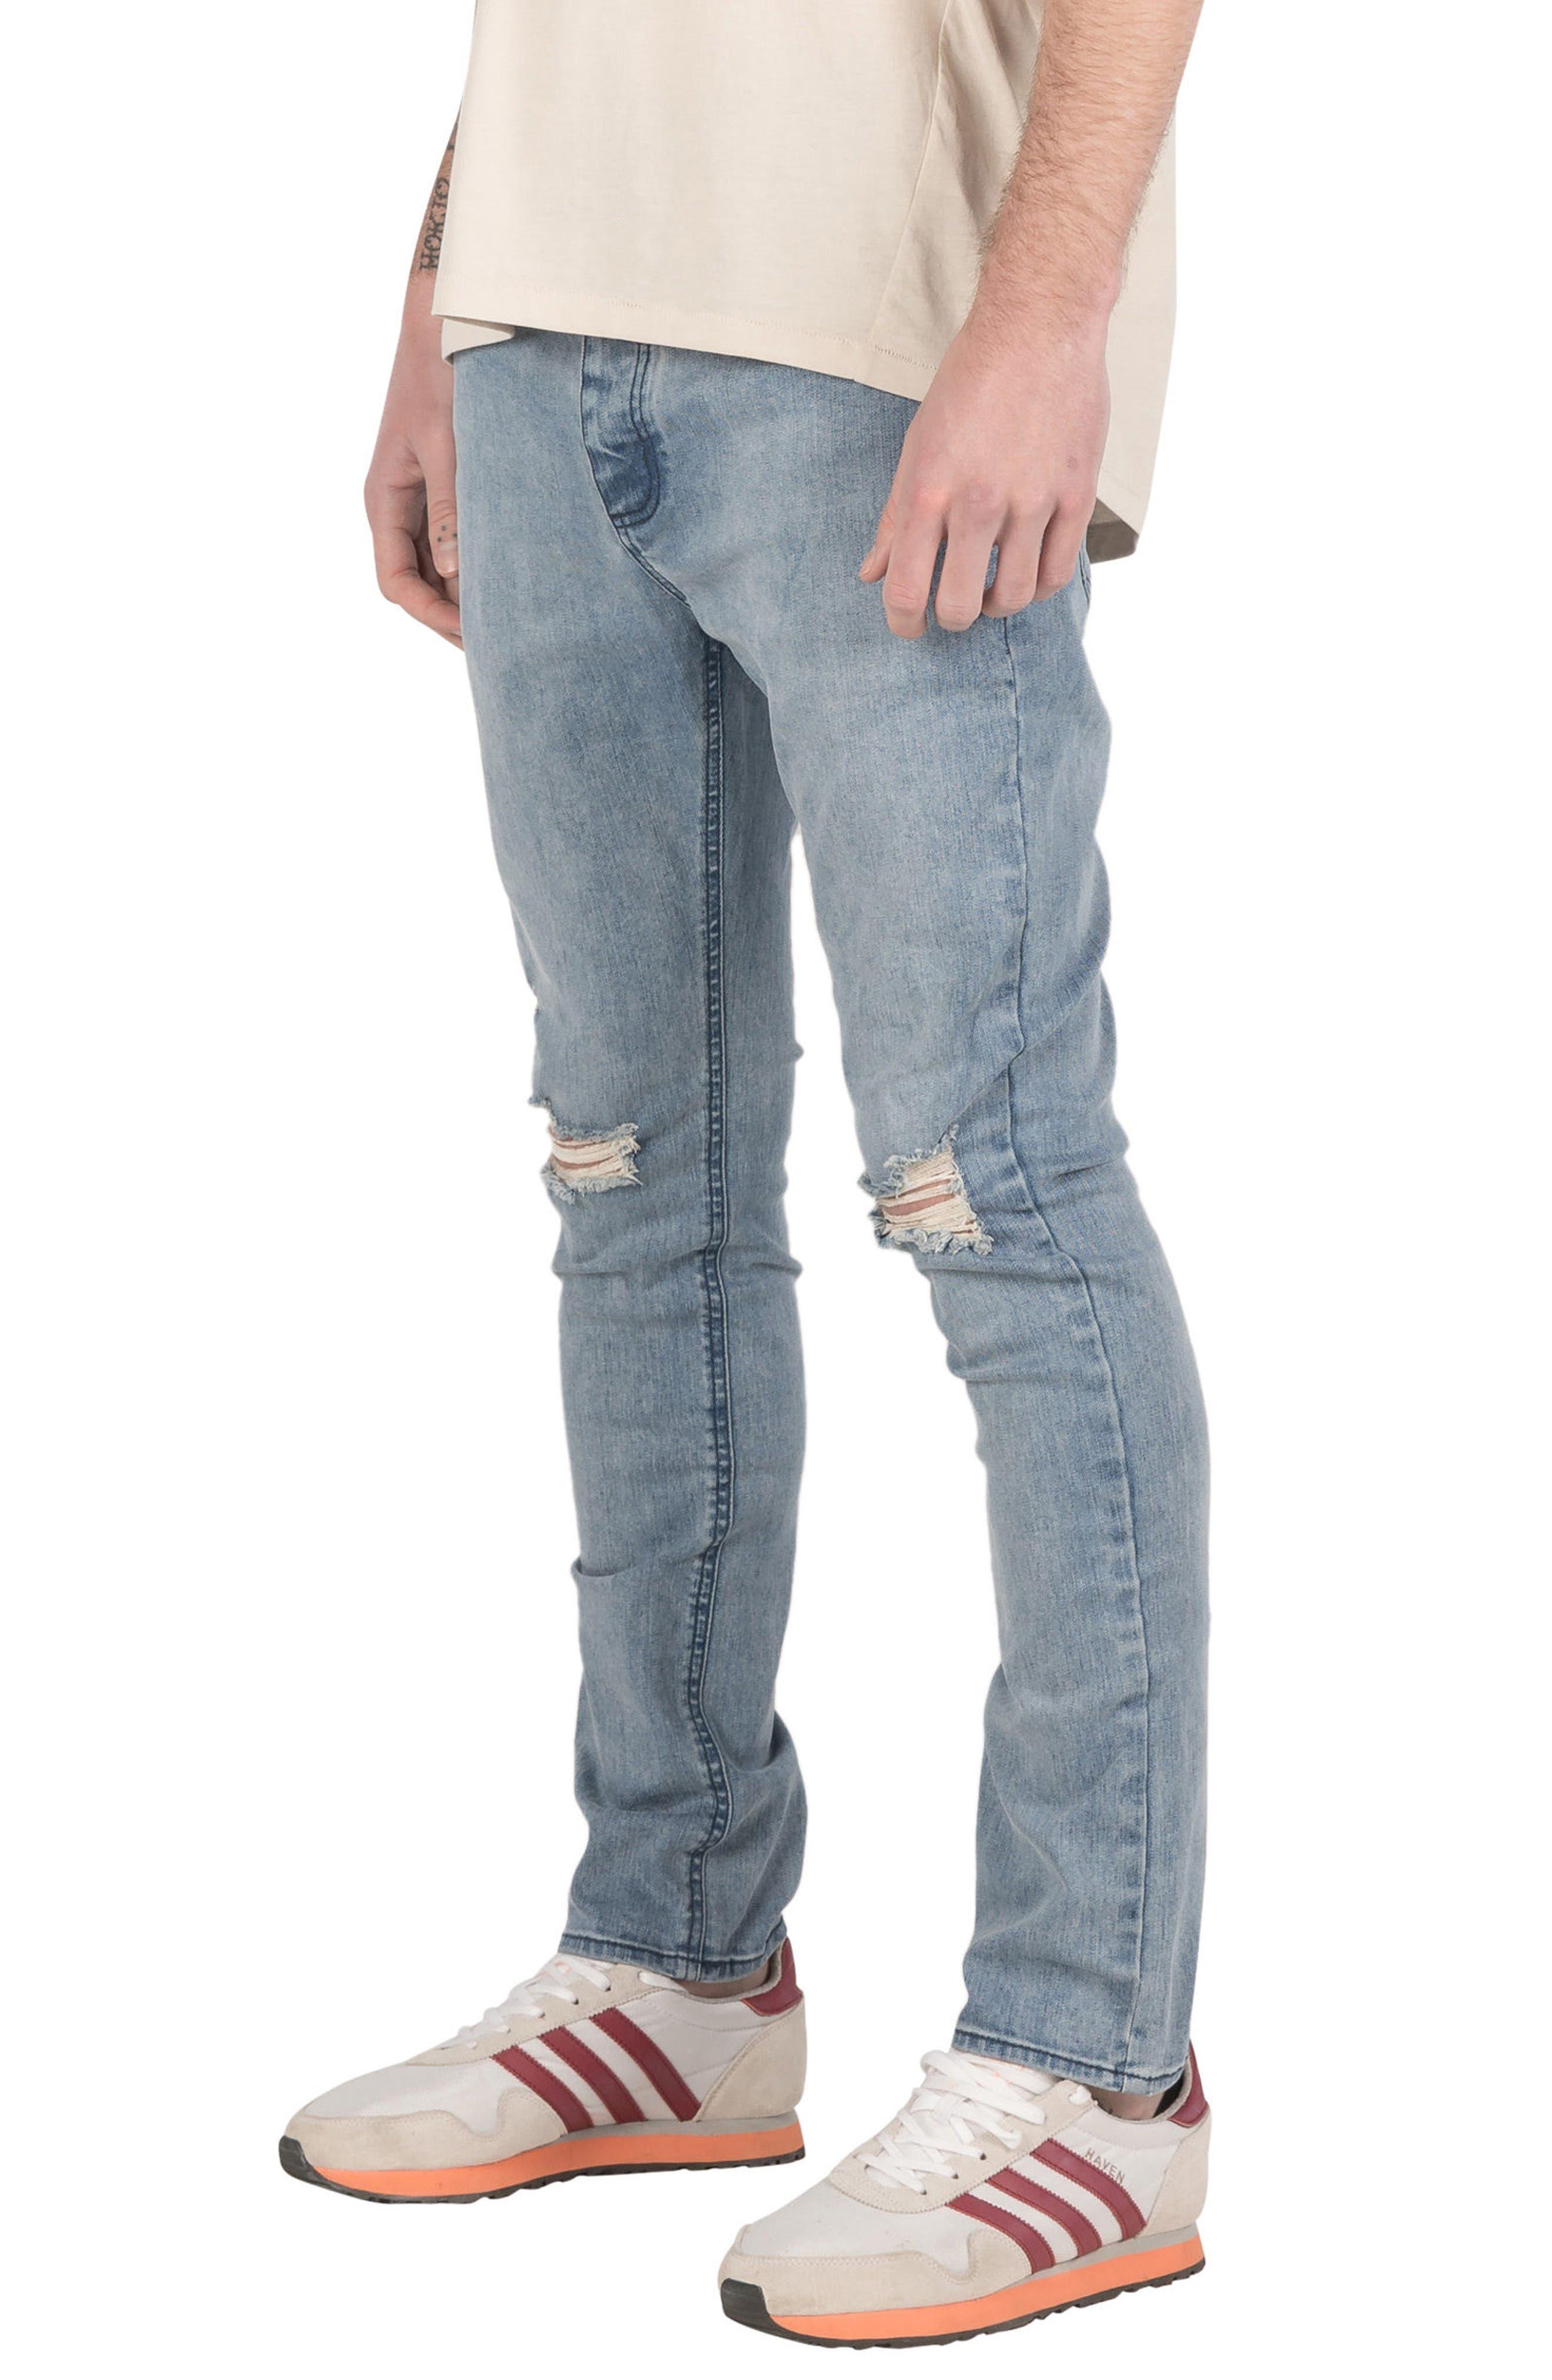 Joe Blow Destroyed Denim Jeans,                             Alternate thumbnail 5, color,                             420